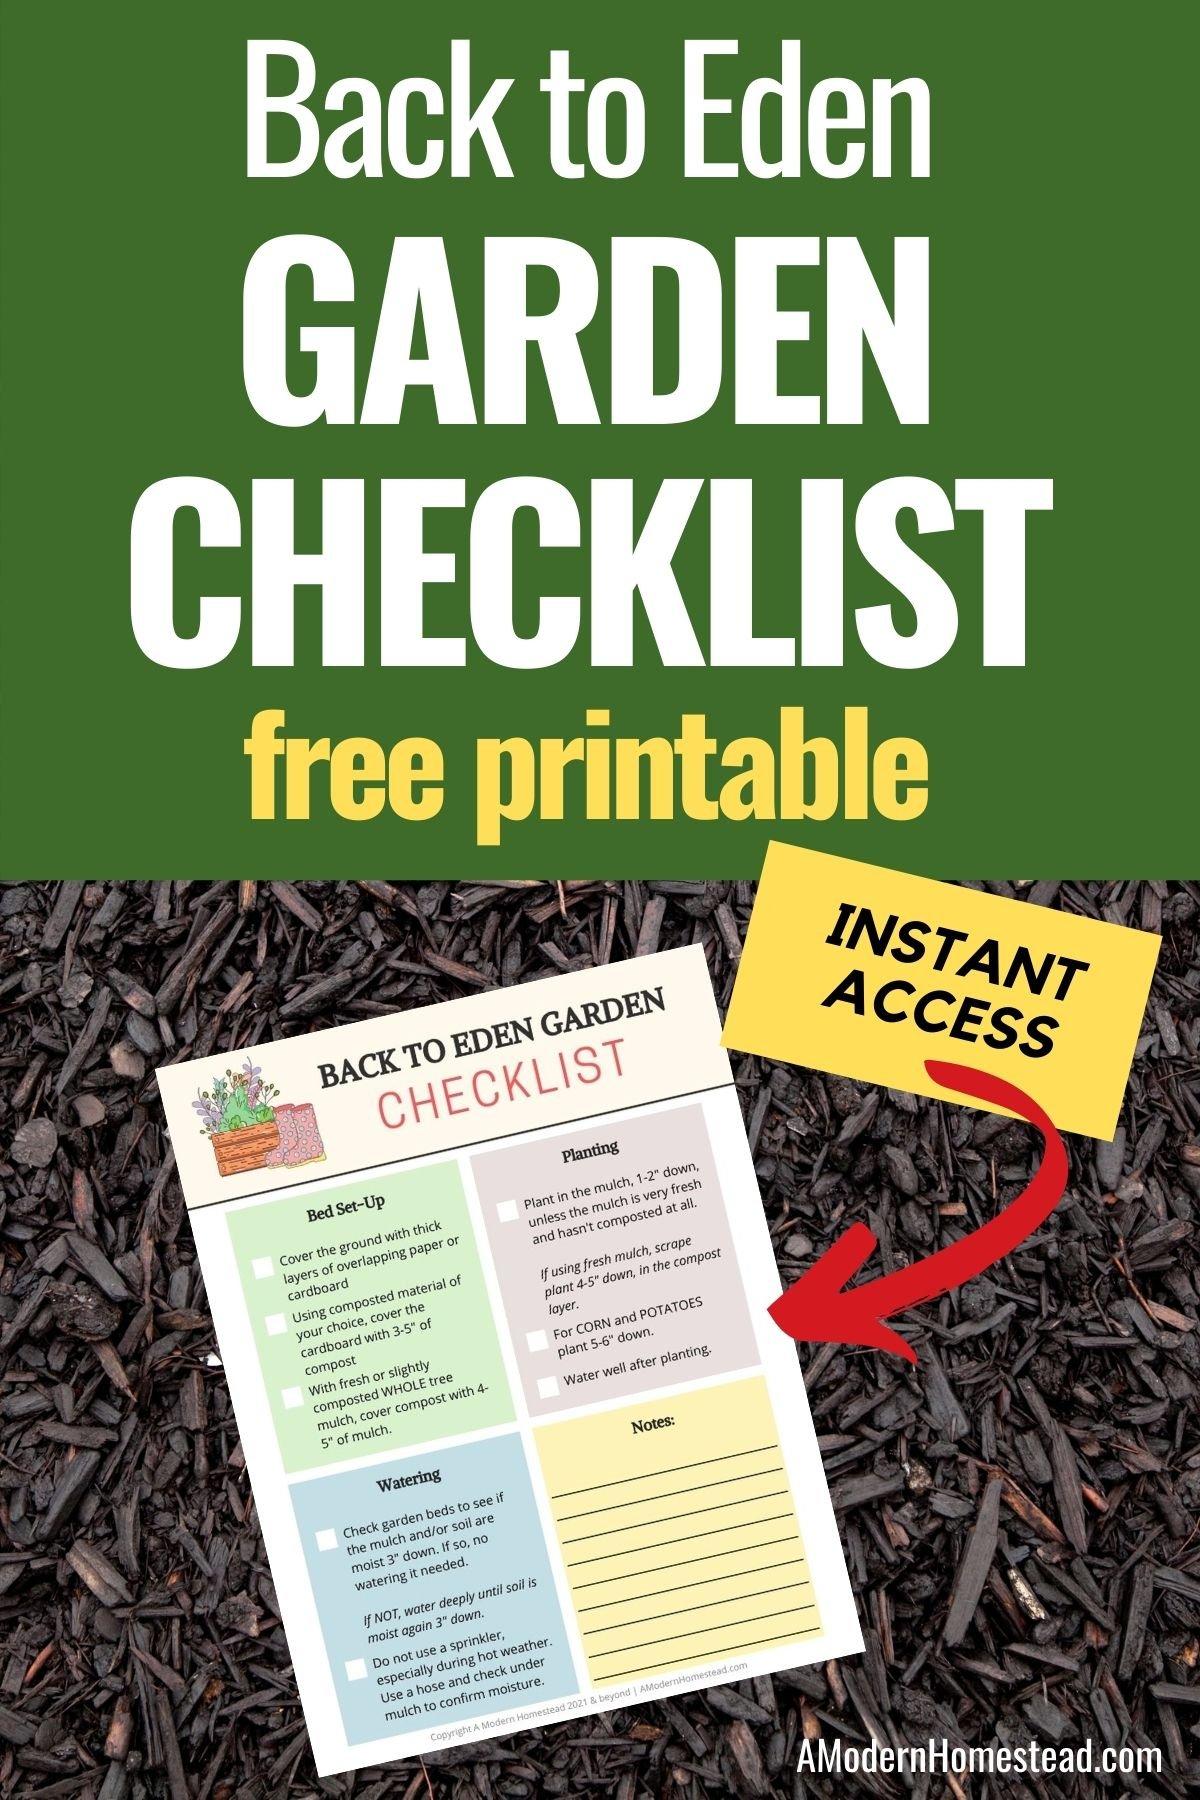 Back to Eden Gardening checklist